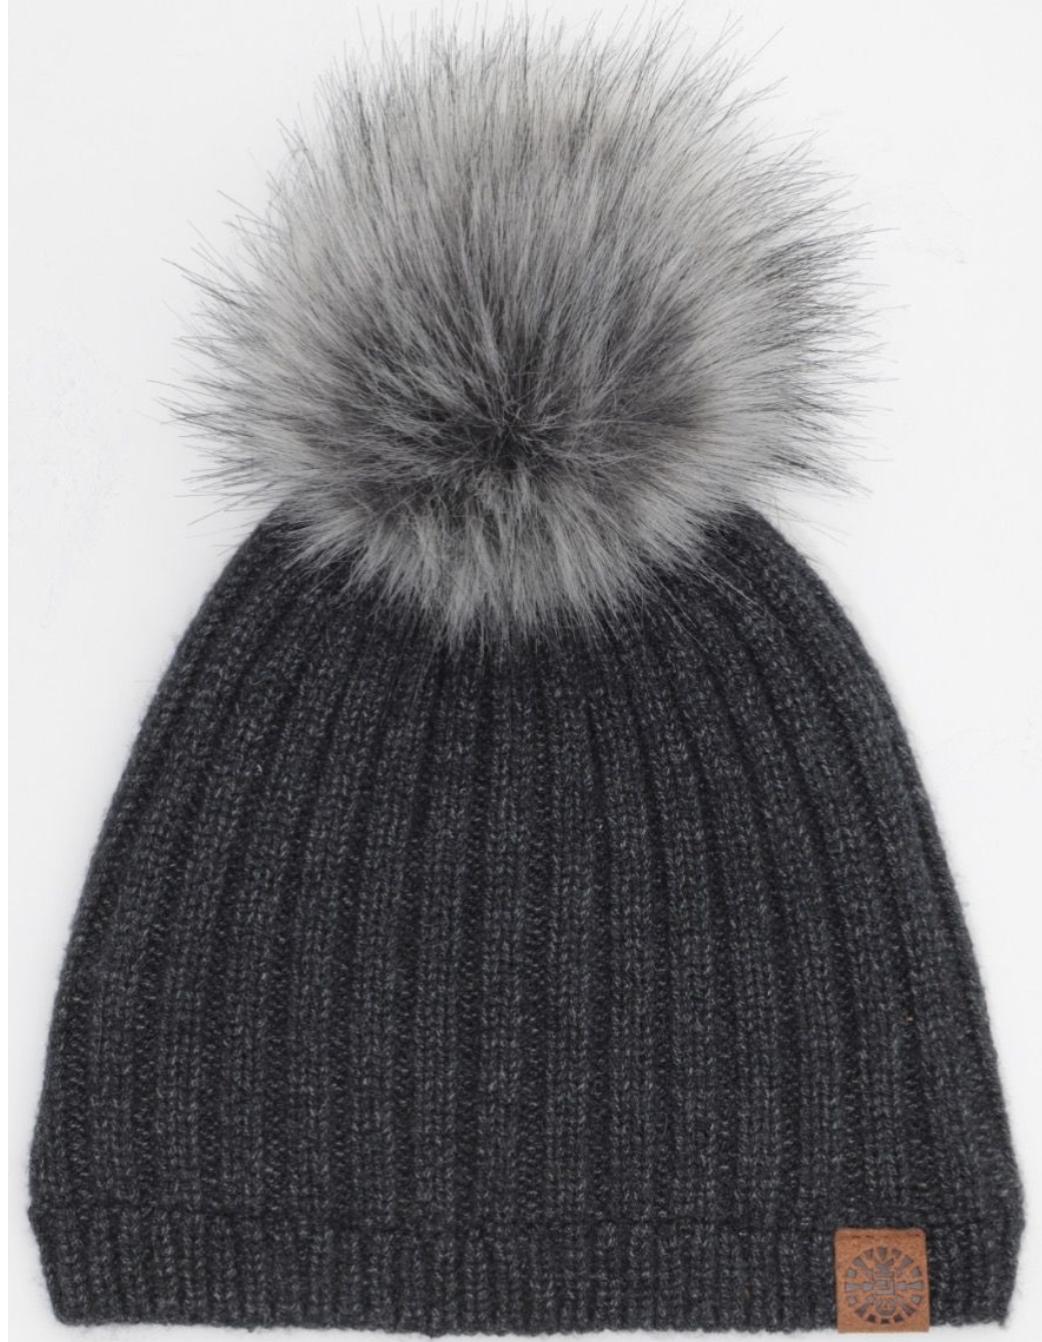 Calikids Toddler (2-5 yrs) Knit Hat